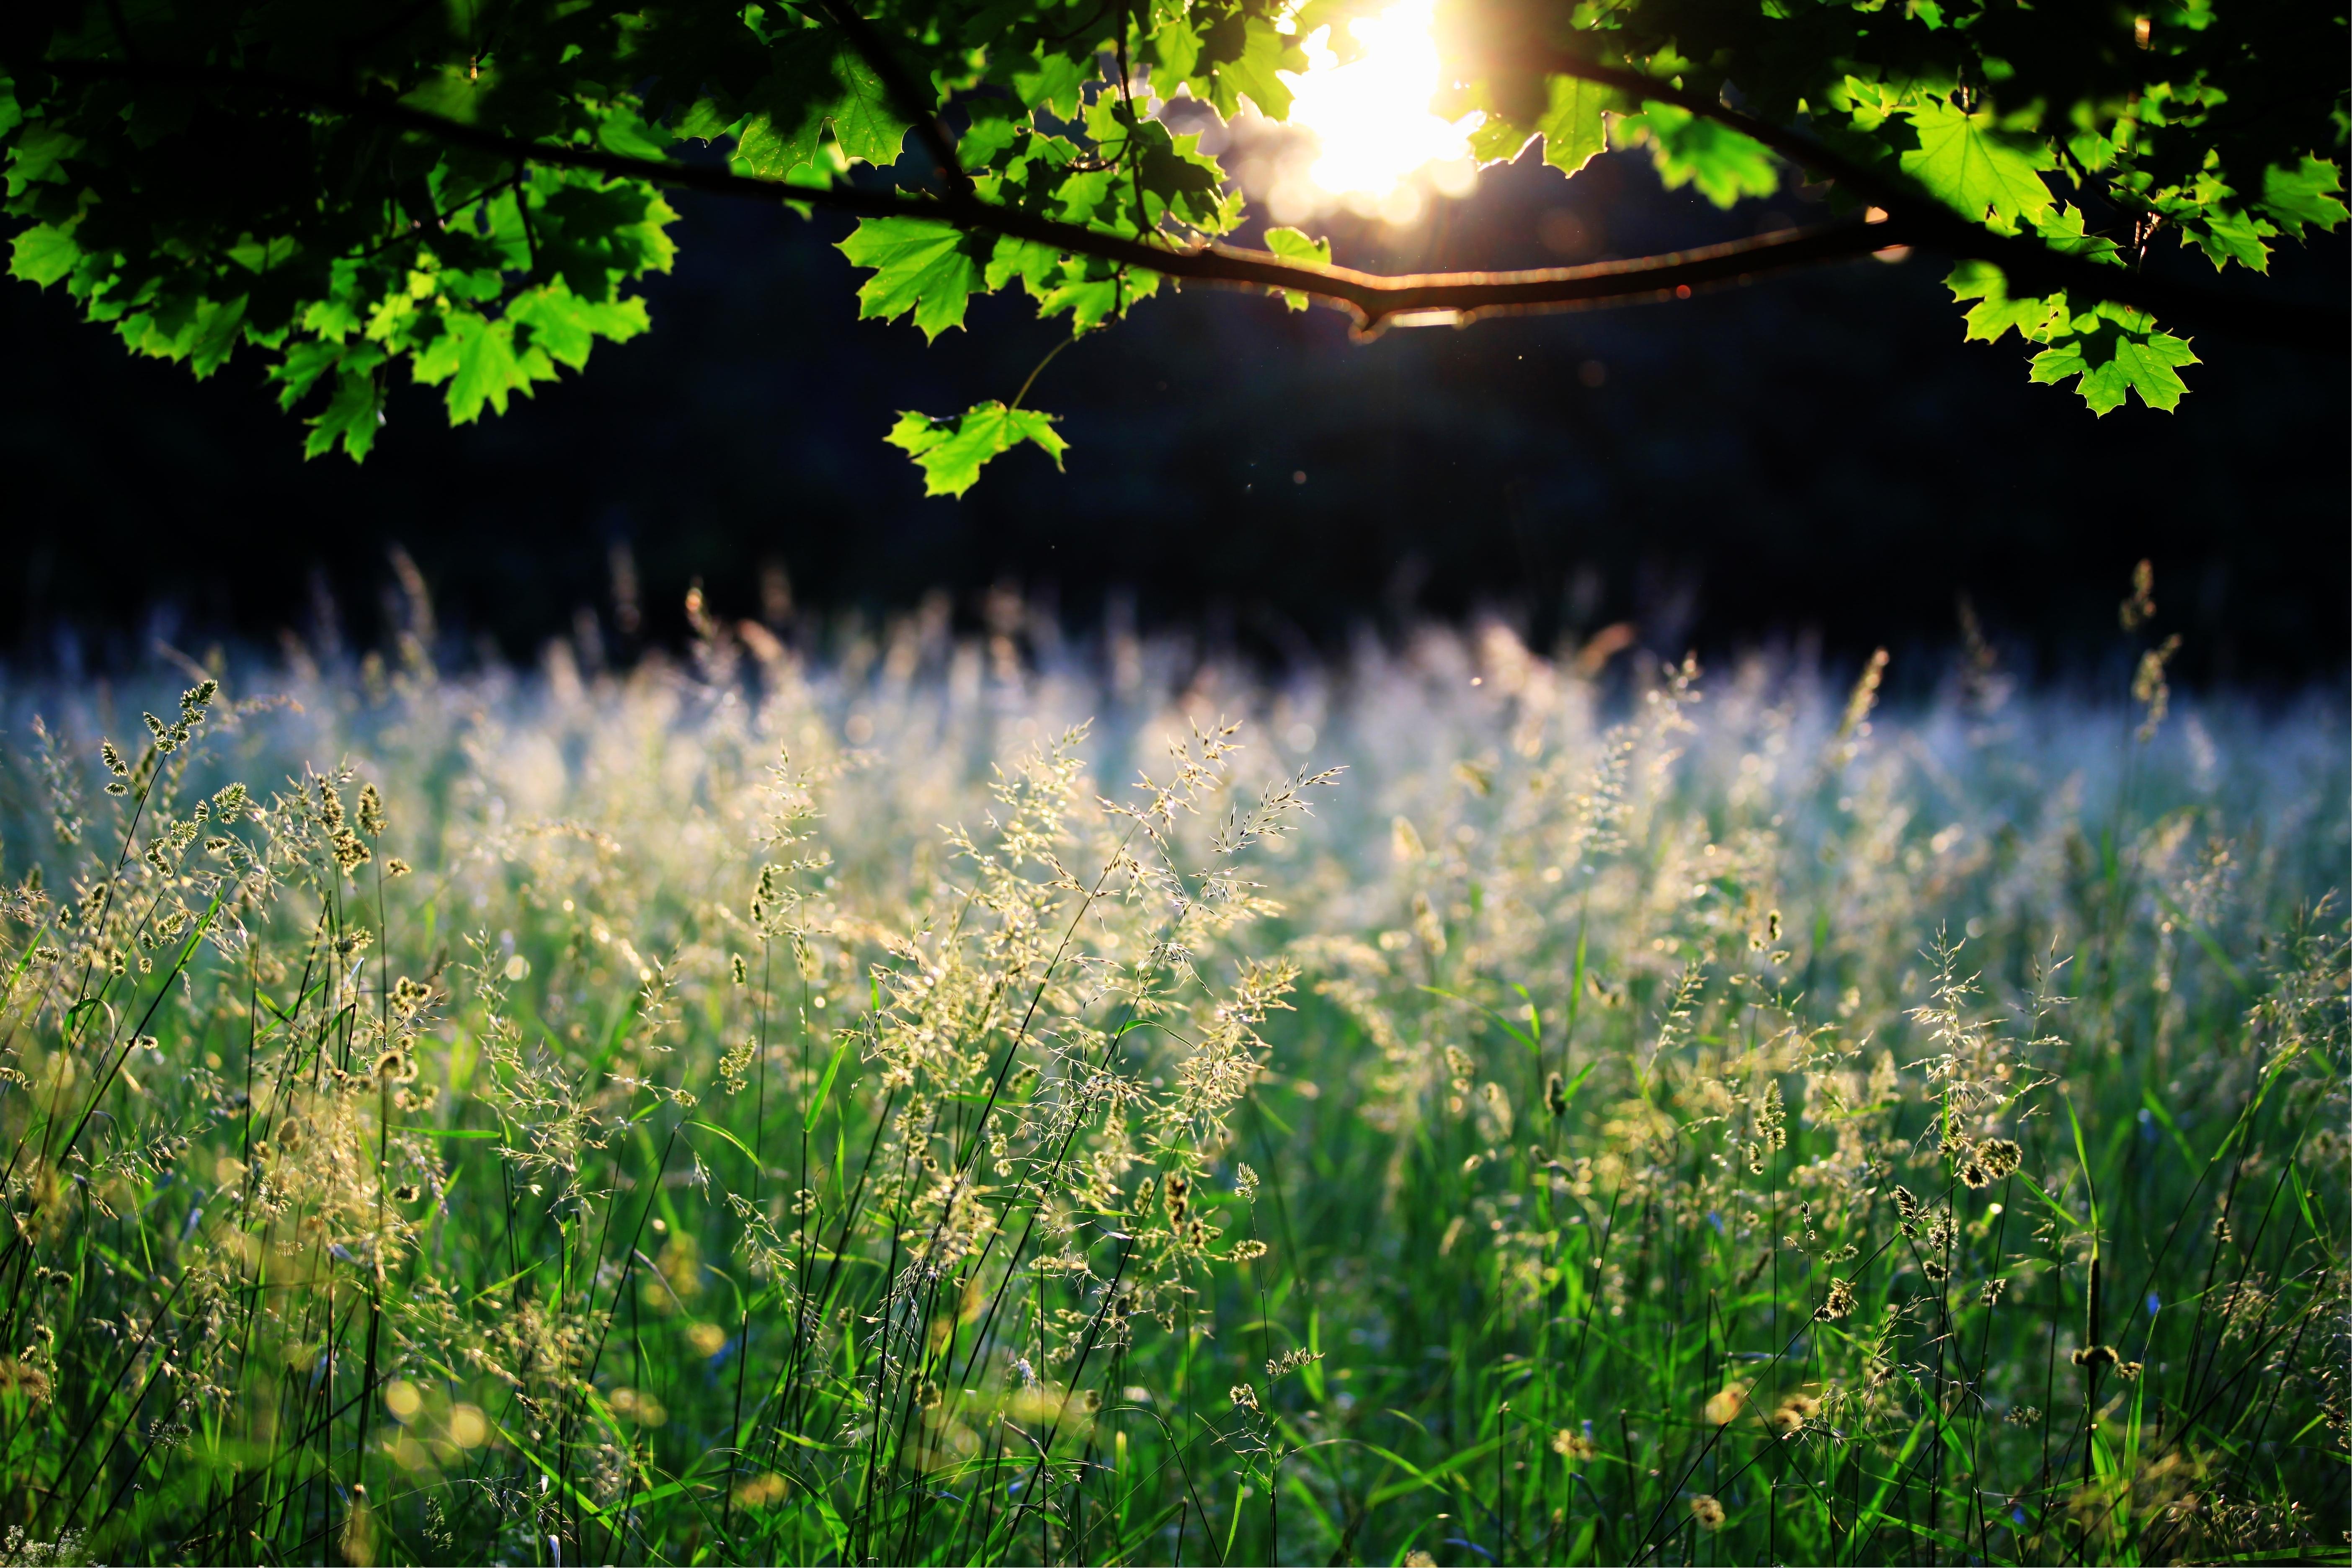 96234 Заставки и Обои Солнце на телефон. Скачать Солнце, Природа, Трава, Листья, Свет, Ветка, Клен, Колосья картинки бесплатно